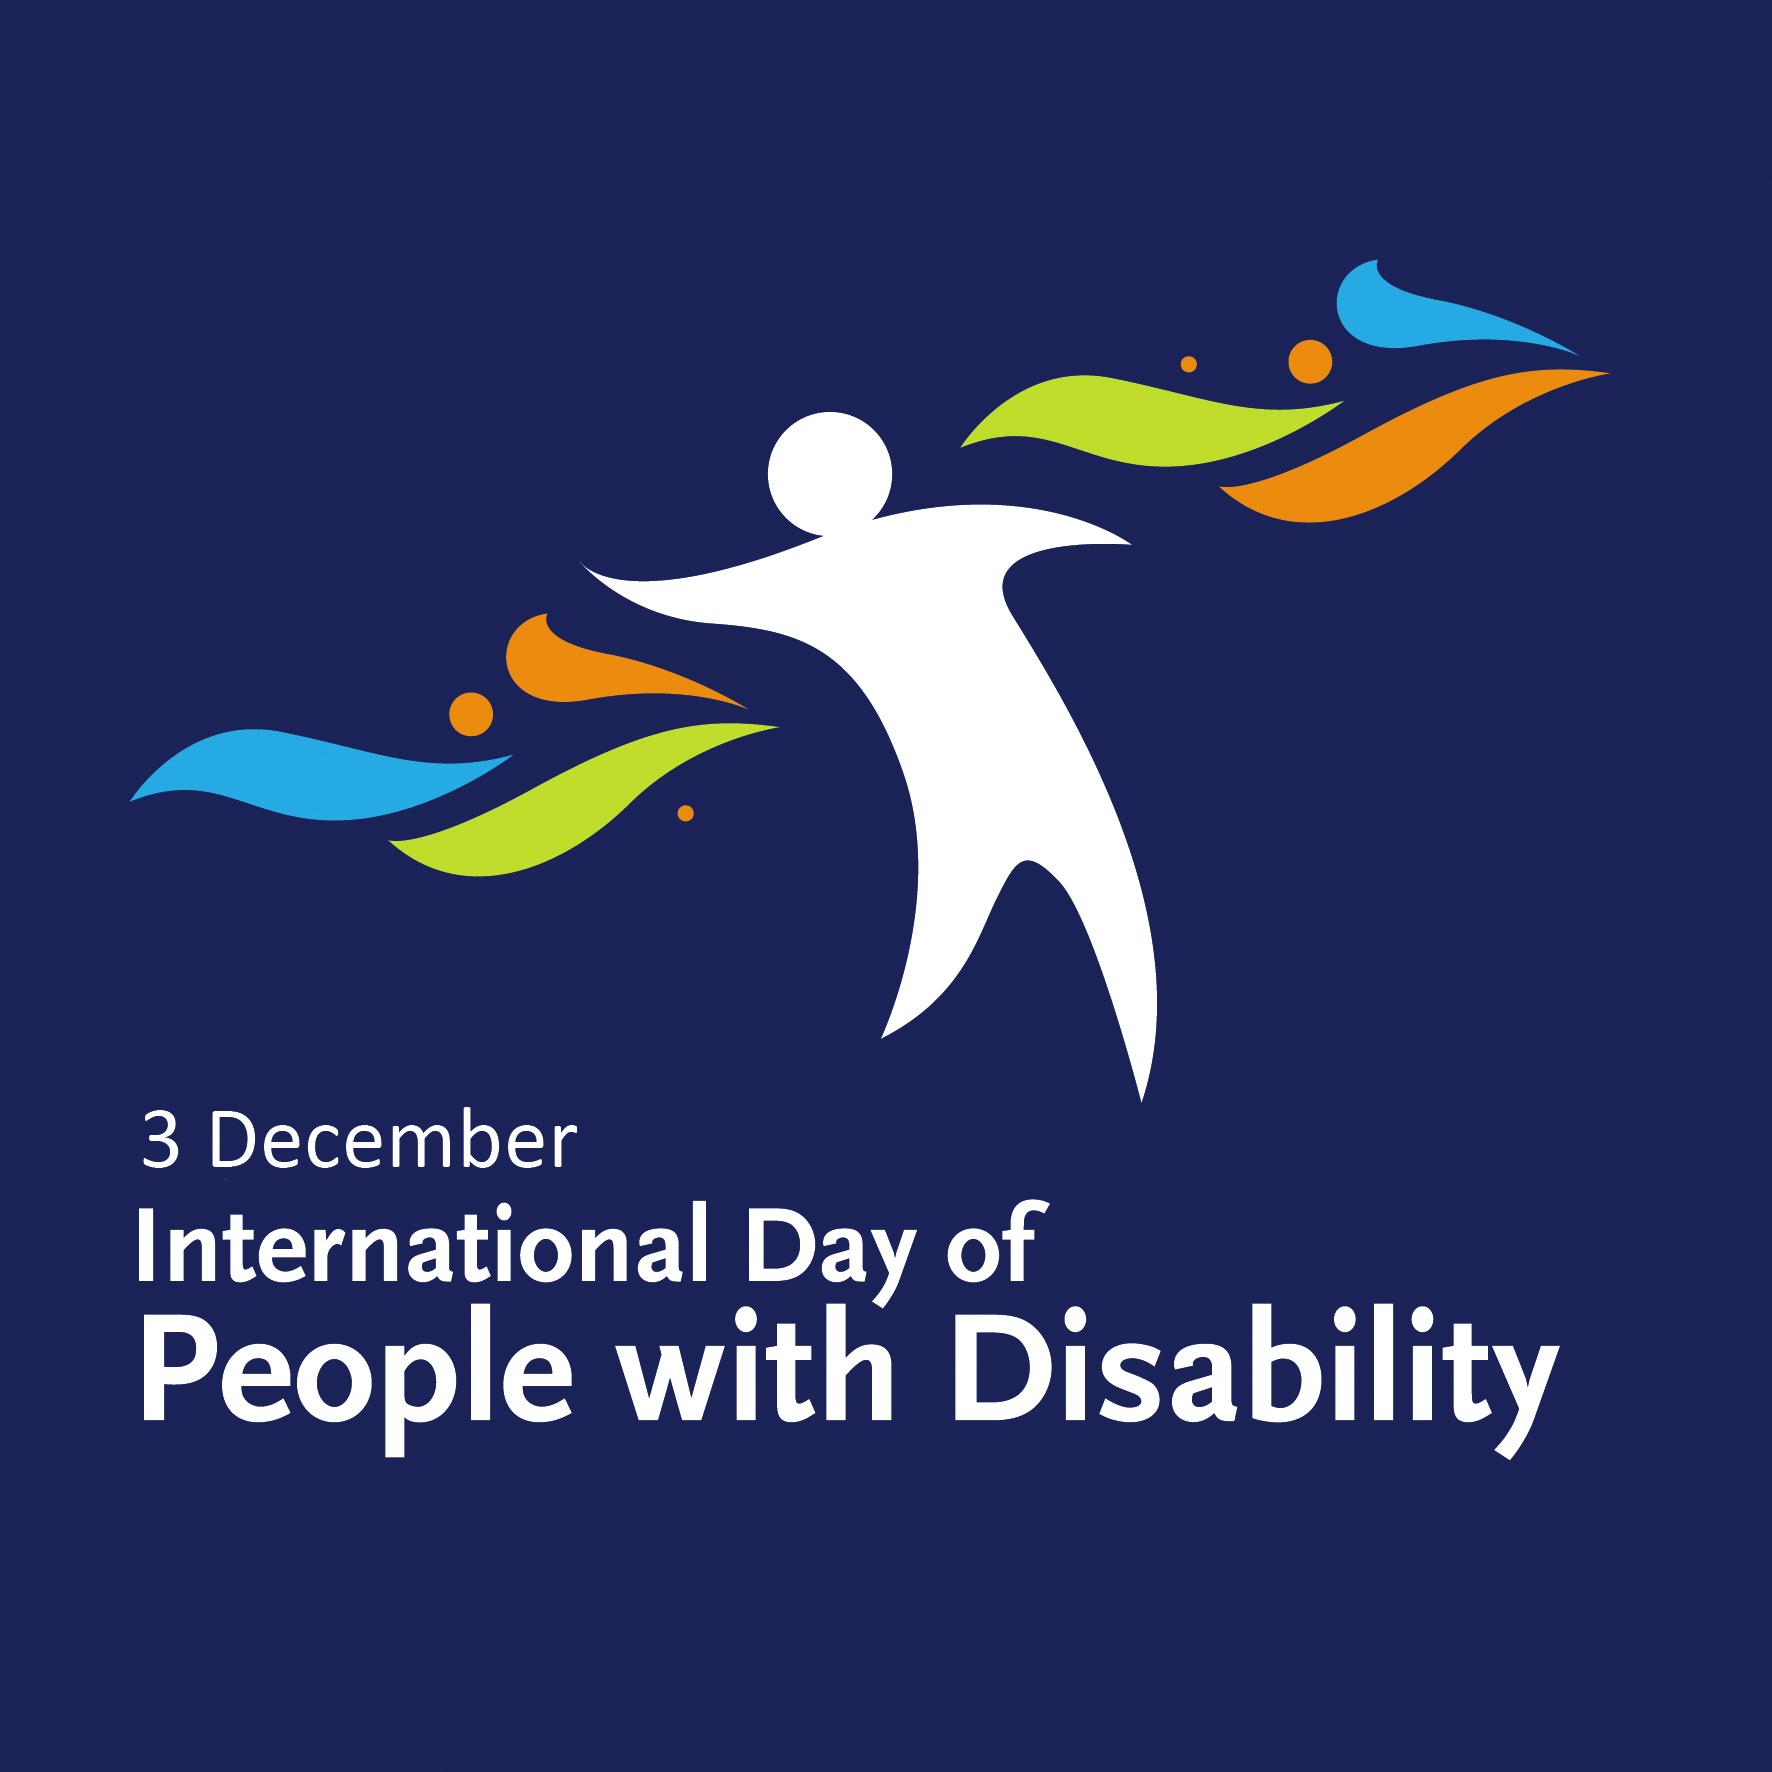 IDPwD logo